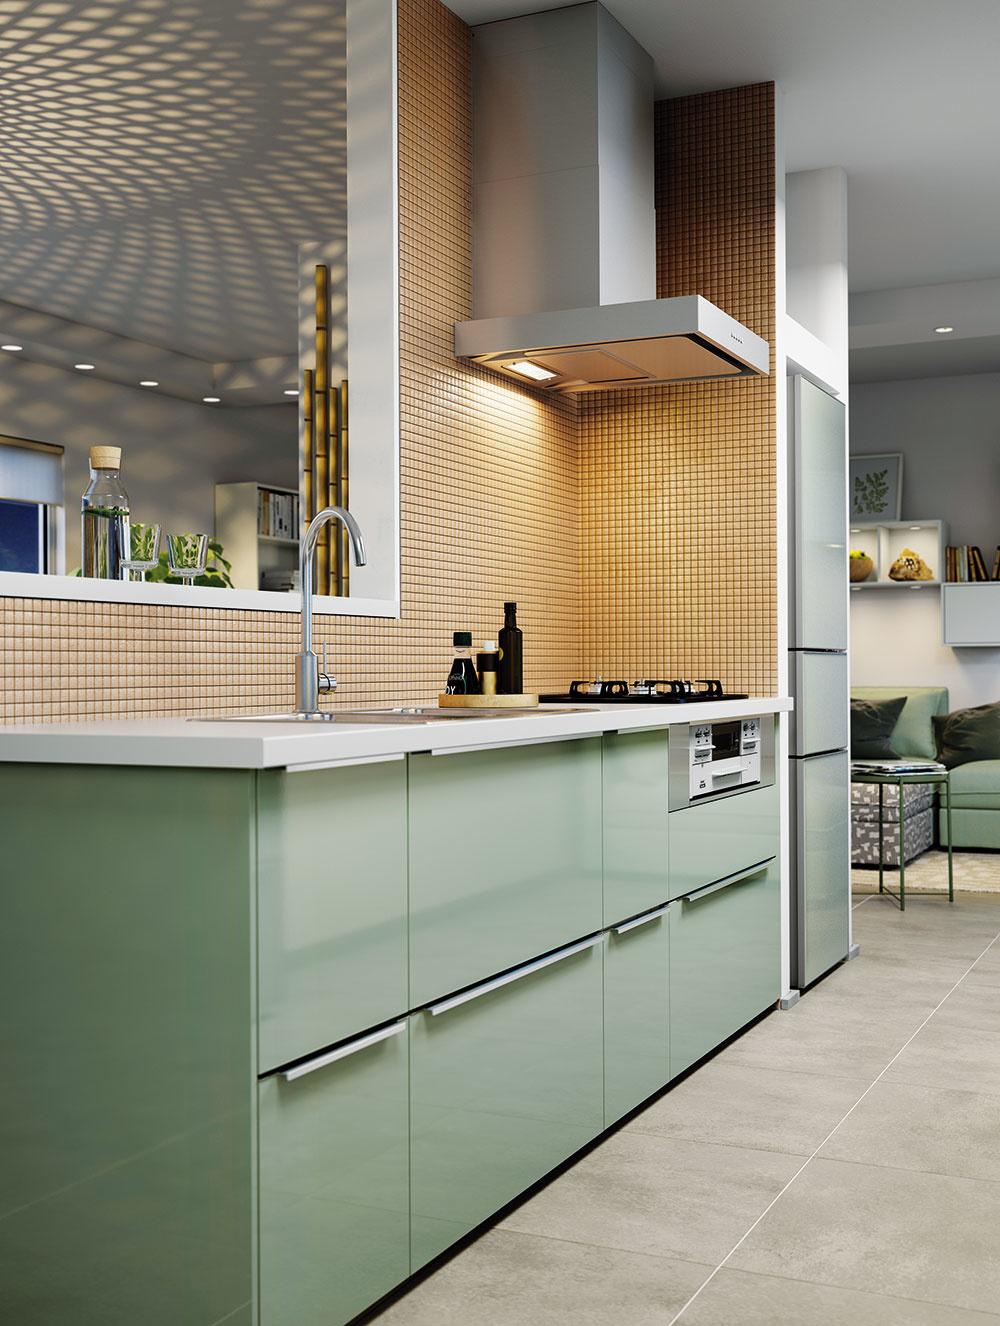 FAREBNÉ MOŽNOSTI kuchýň a kuchynských zásten sú obrovské a určite sa ich nemusíte báť. Svojich priaznivcov si stále nachádza aj mozaika – od jednofarebnej v svetlých tónoch po výrazné pestré variácie.